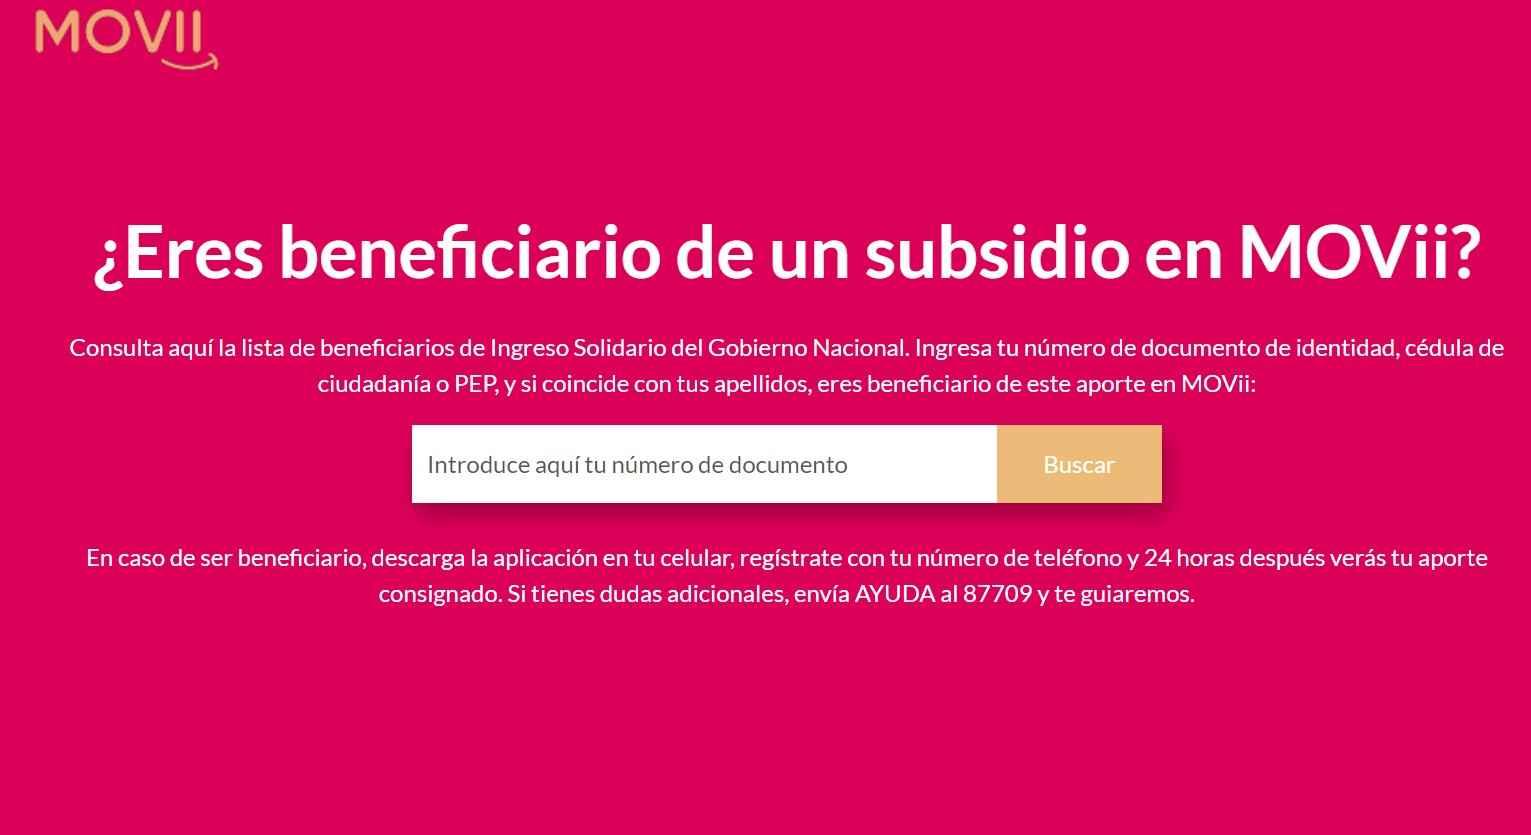 Ingreso Solidario: MOVii pagaría el giro 12 desde el 25 de marzo